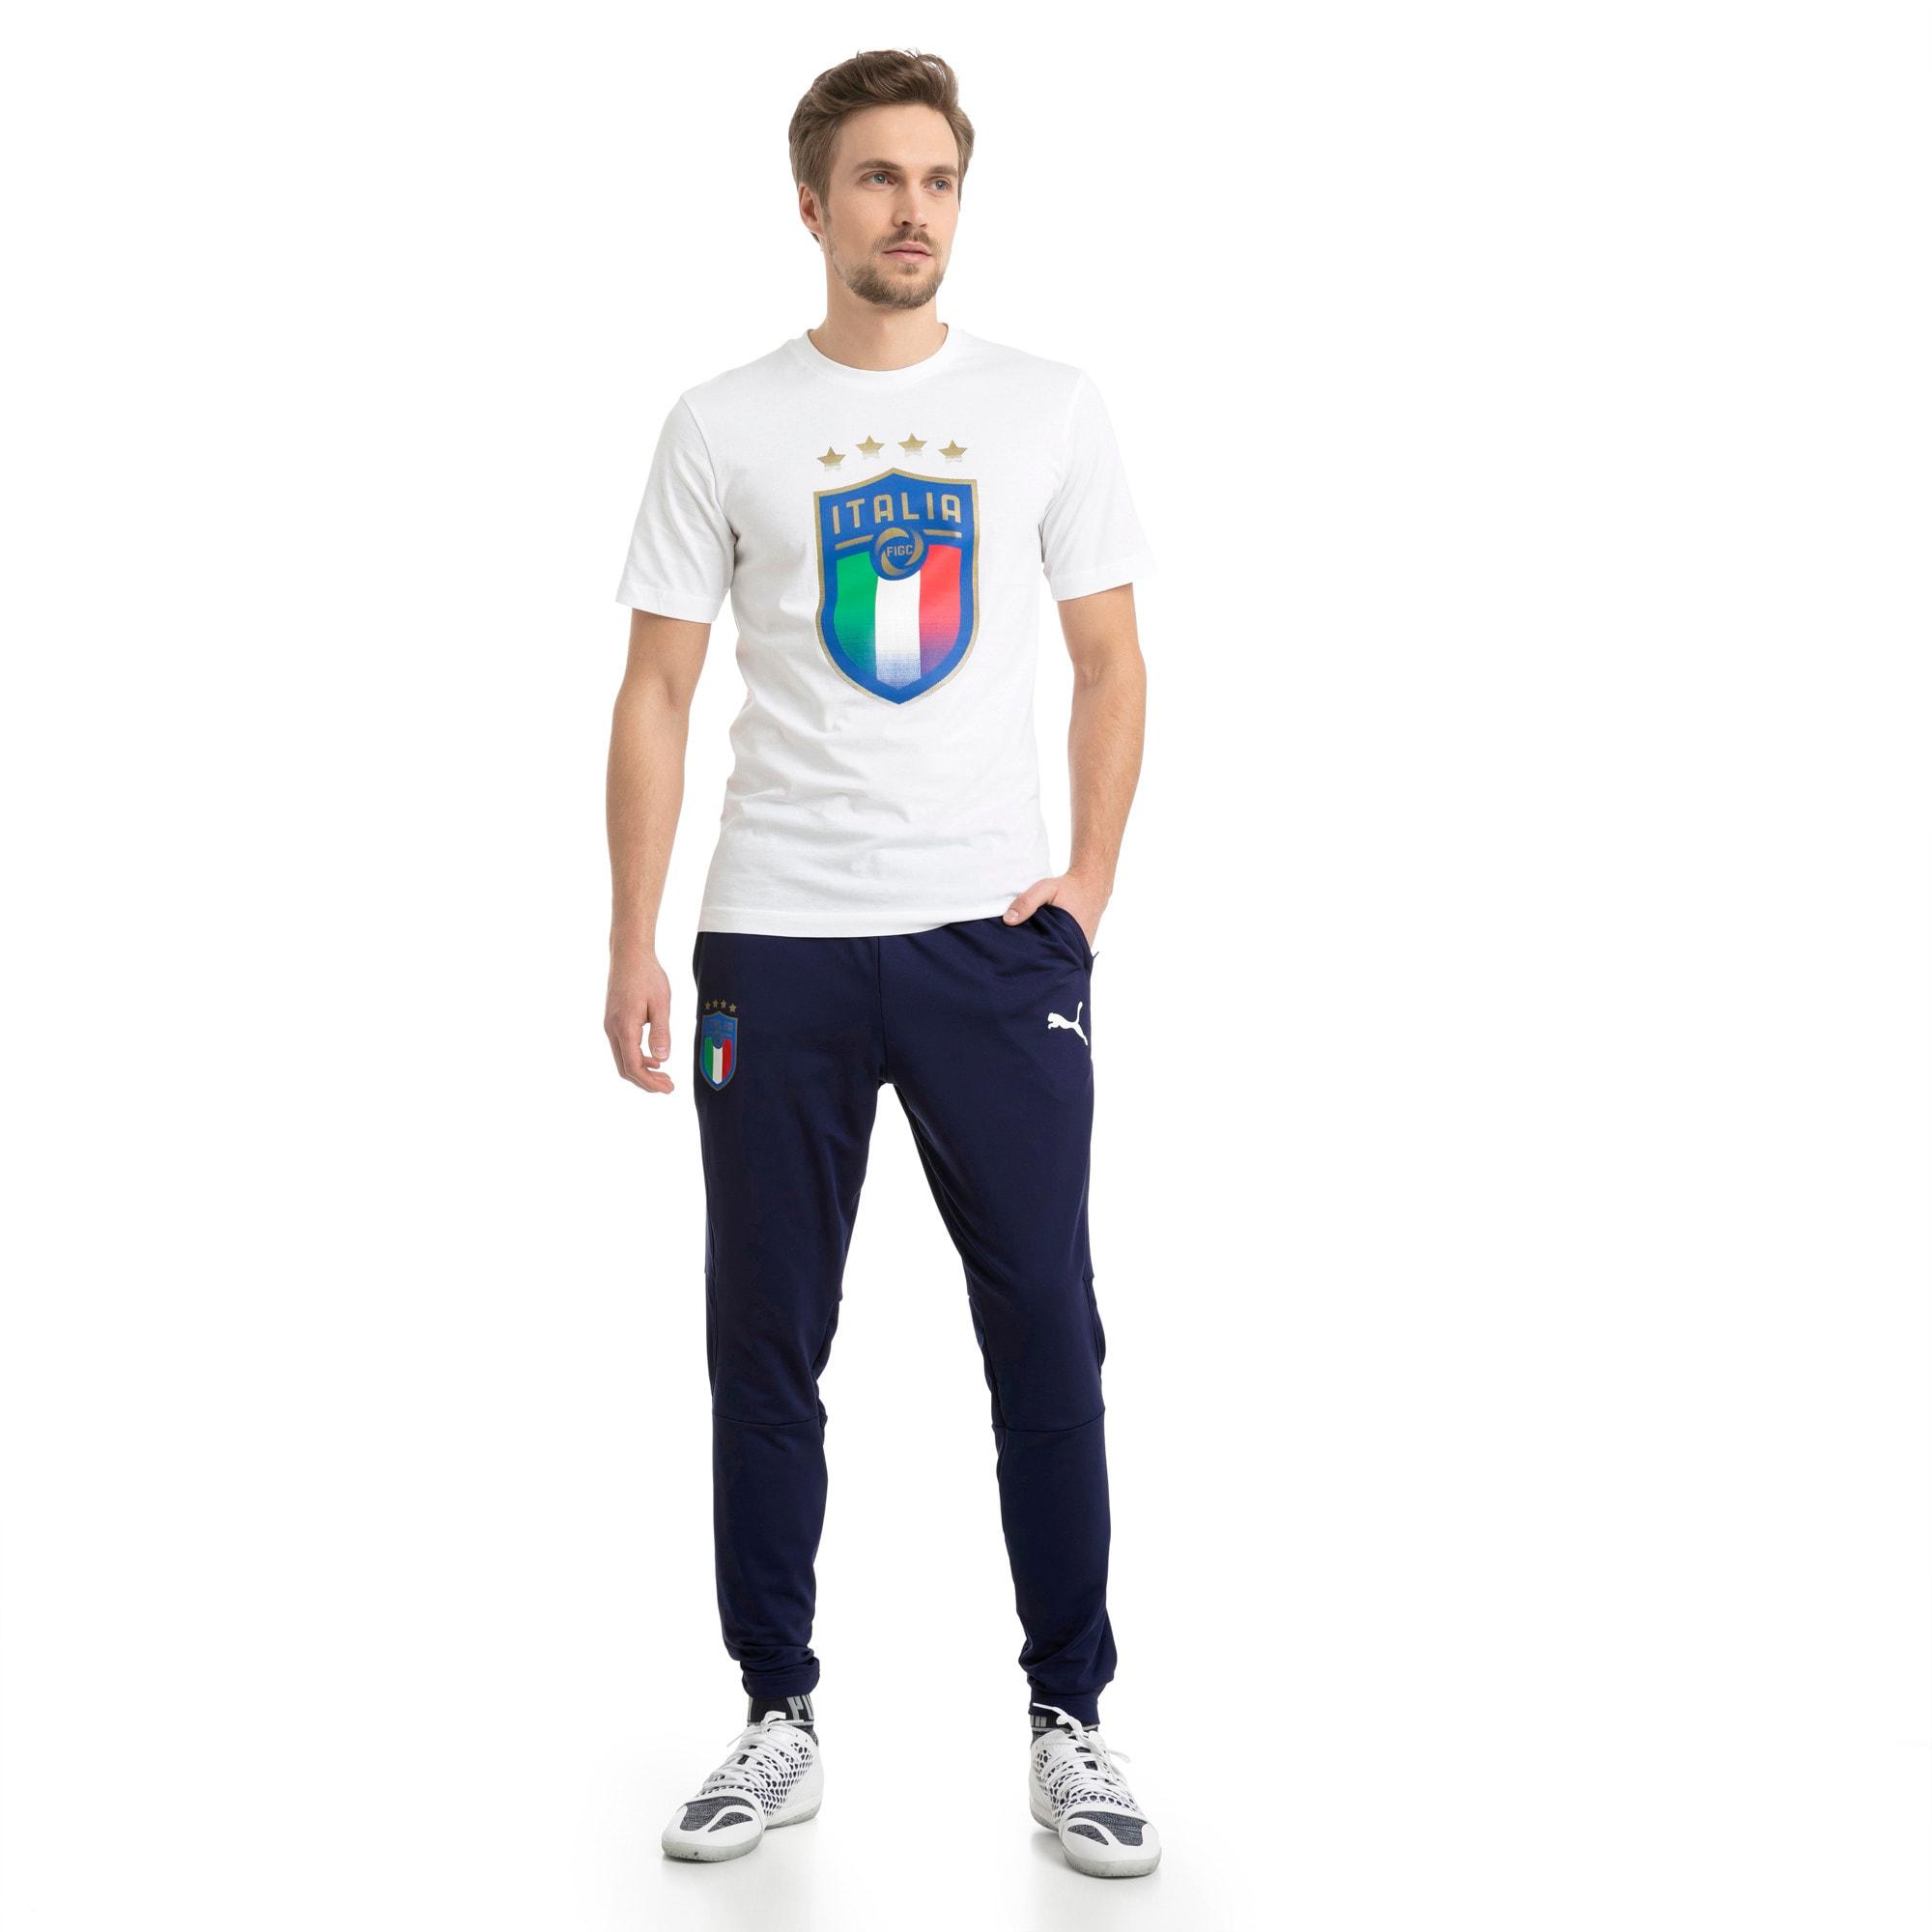 Thumbnail 5 of Italia Training Pants Zipped Pockets, Peacoat, medium